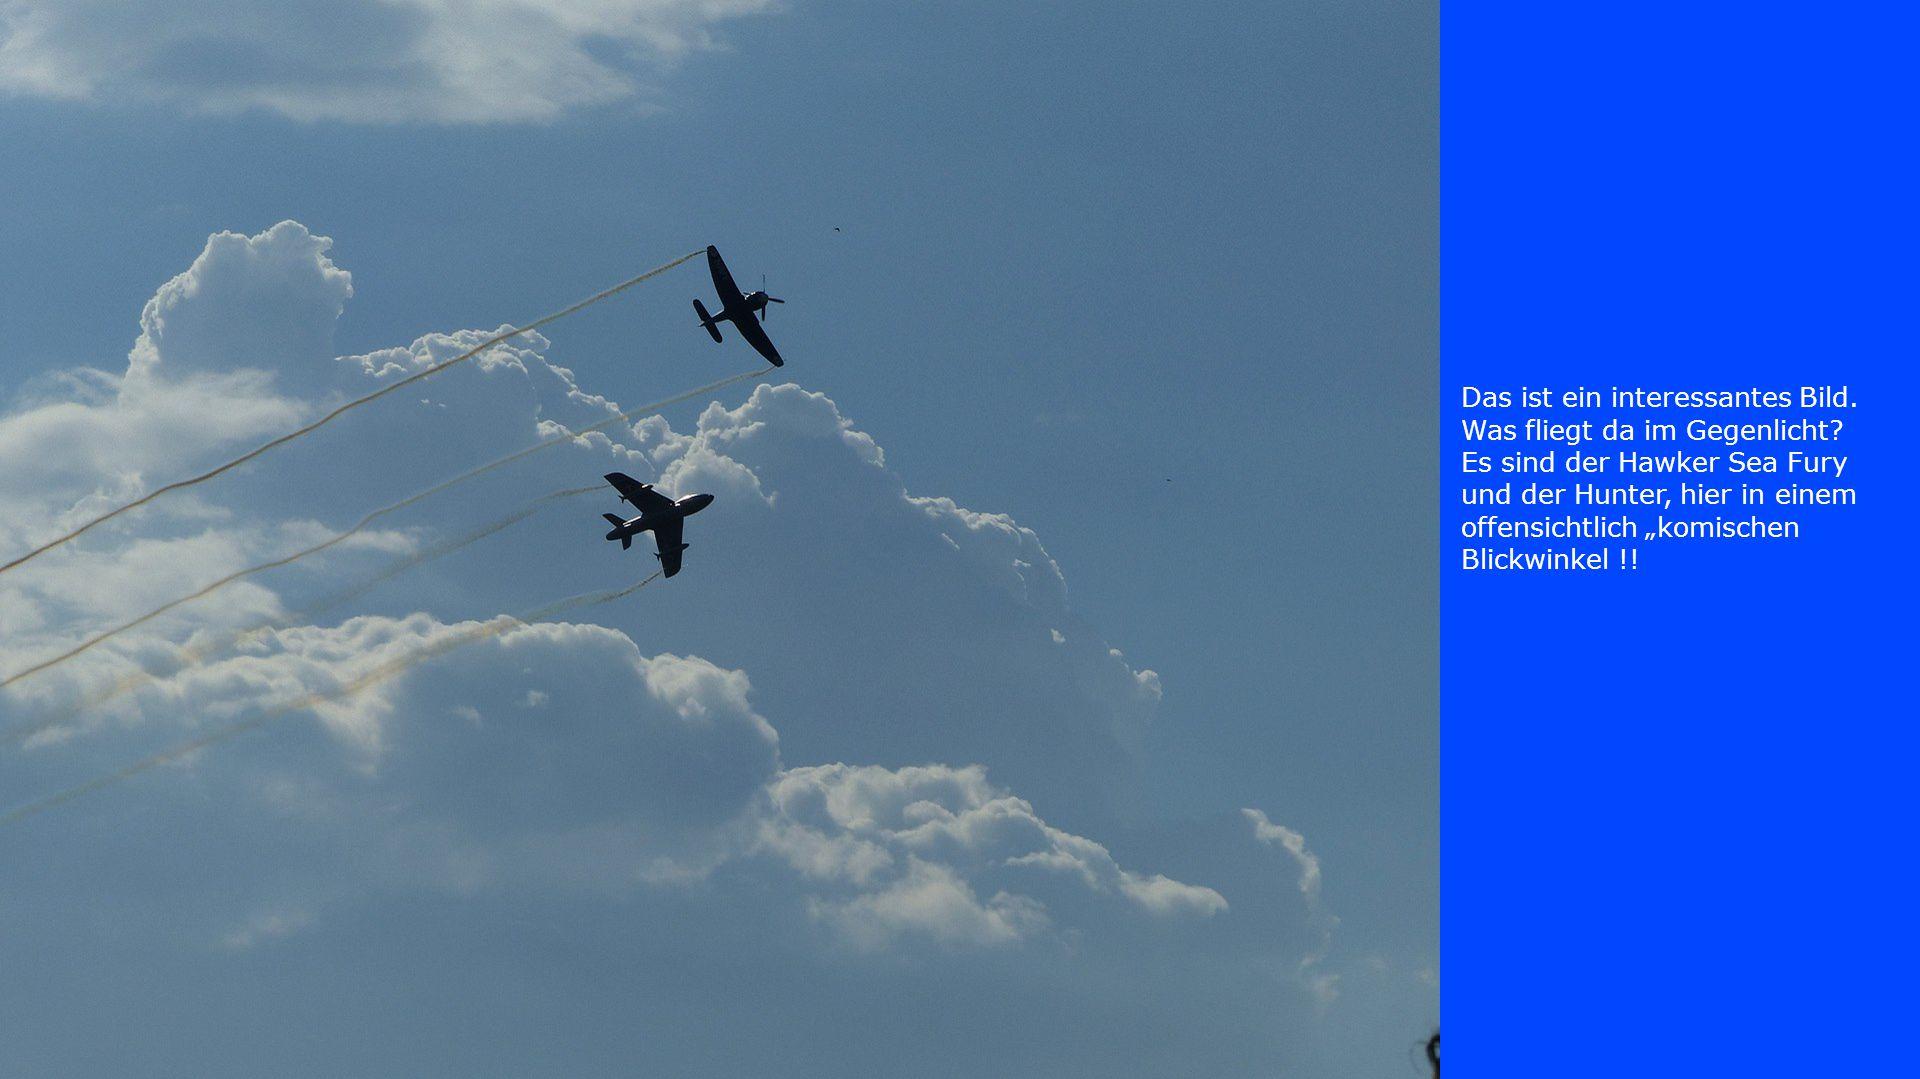 """Das ist ein interessantes Bild. Was fliegt da im Gegenlicht? Es sind der Hawker Sea Fury und der Hunter, hier in einem offensichtlich """"komischen Blick"""